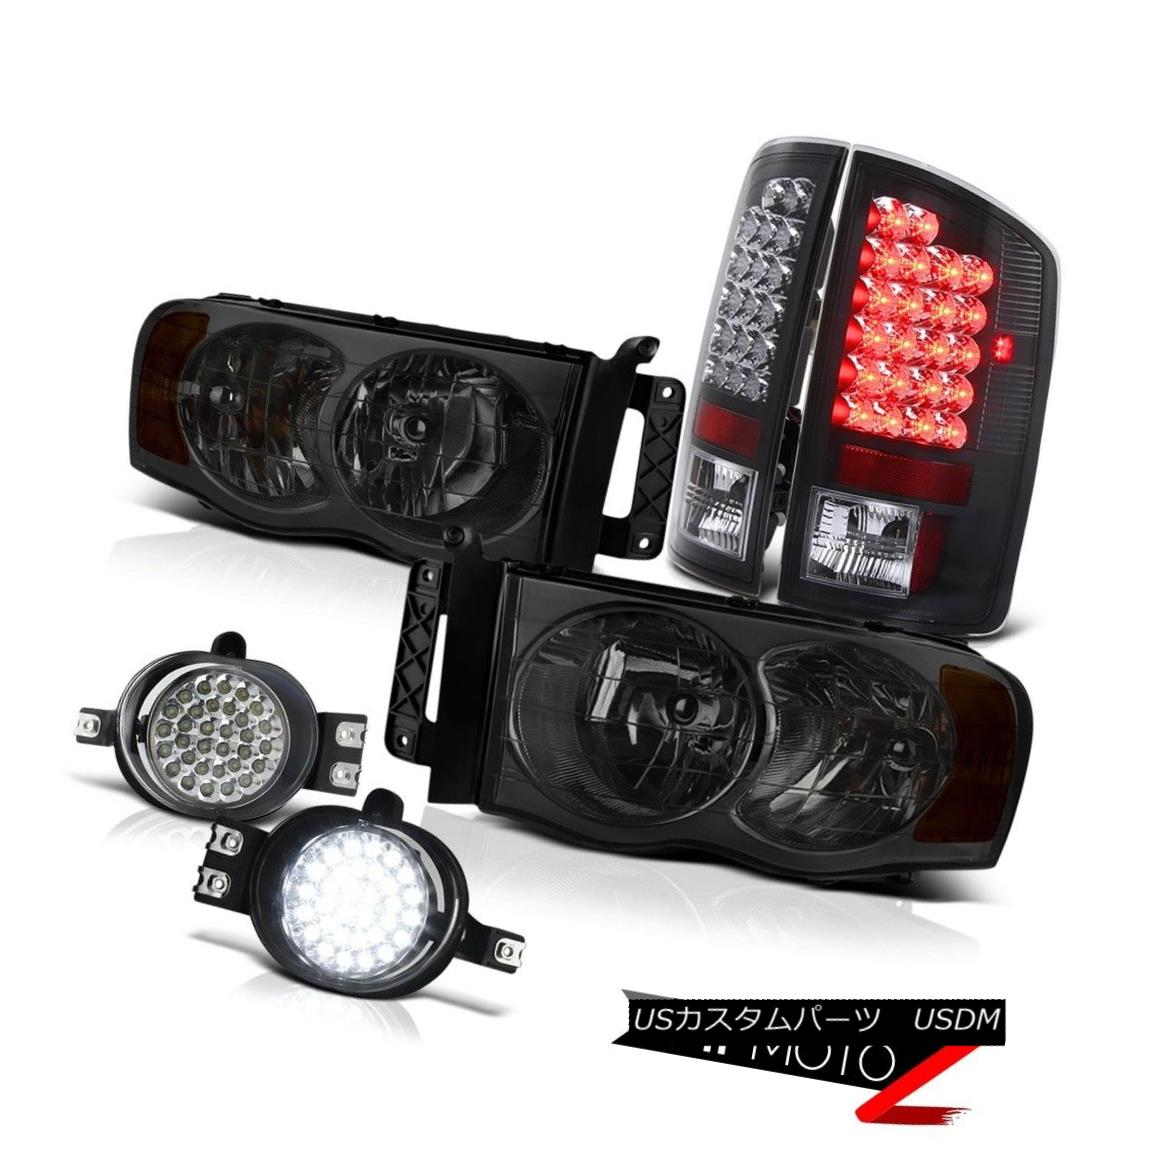 ヘッドライト [2002-2005] Dodge Ram SMOKE HeadLight BLACK LED TAIL LIGHT CHROME LED FOG LIGHT [2002-2005] Dodge Ram SMOKEヘッドライトBLACK LEDテールライトクロームLED FOGライト